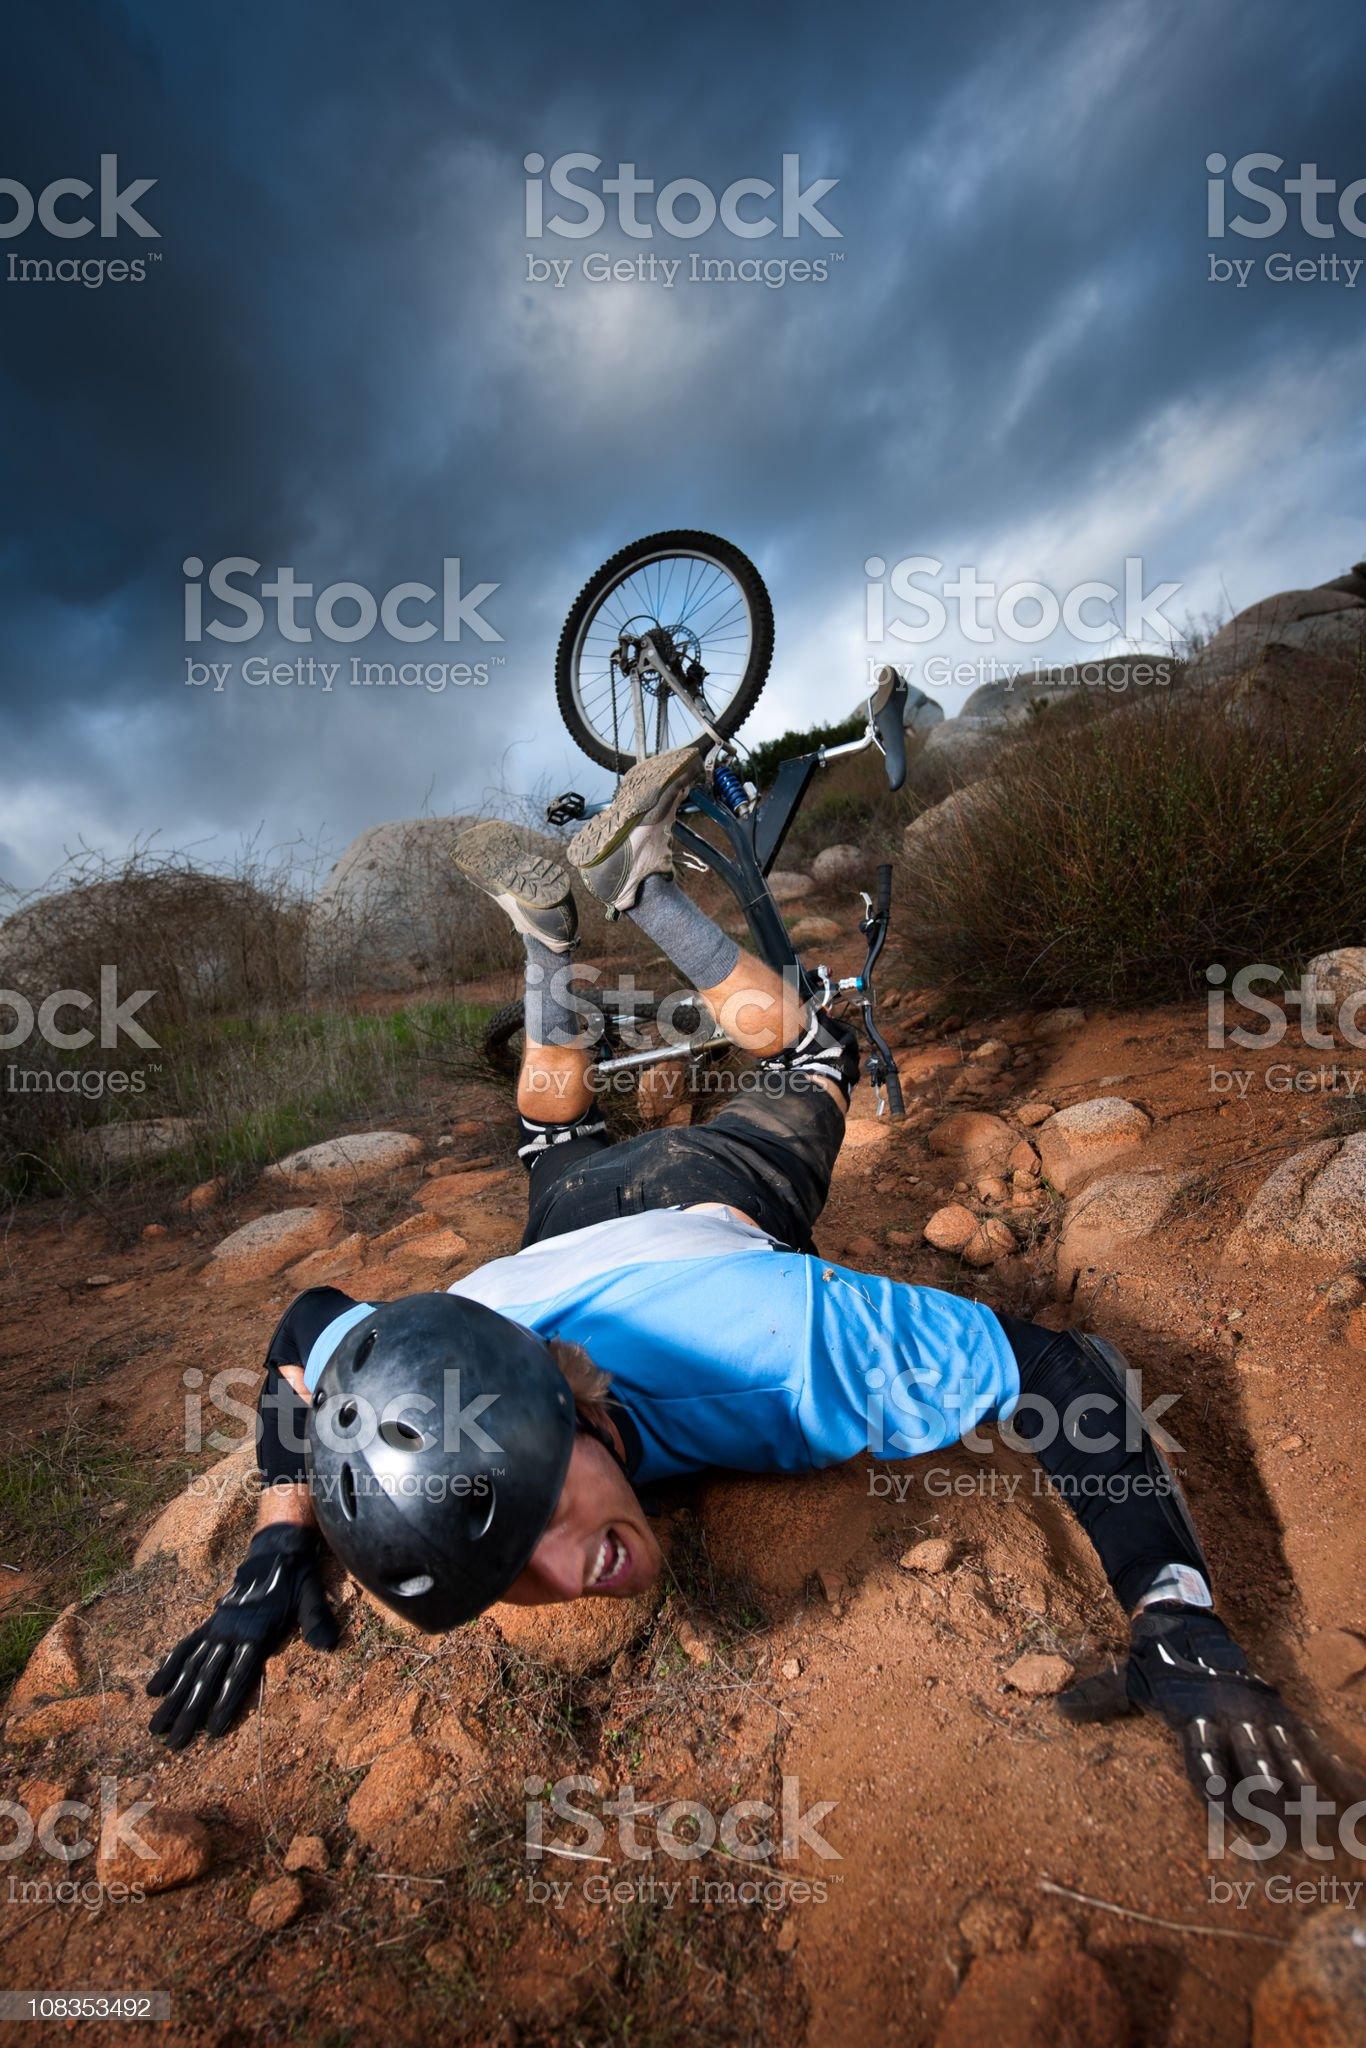 Extreme Mountain Biker royalty-free stock photo